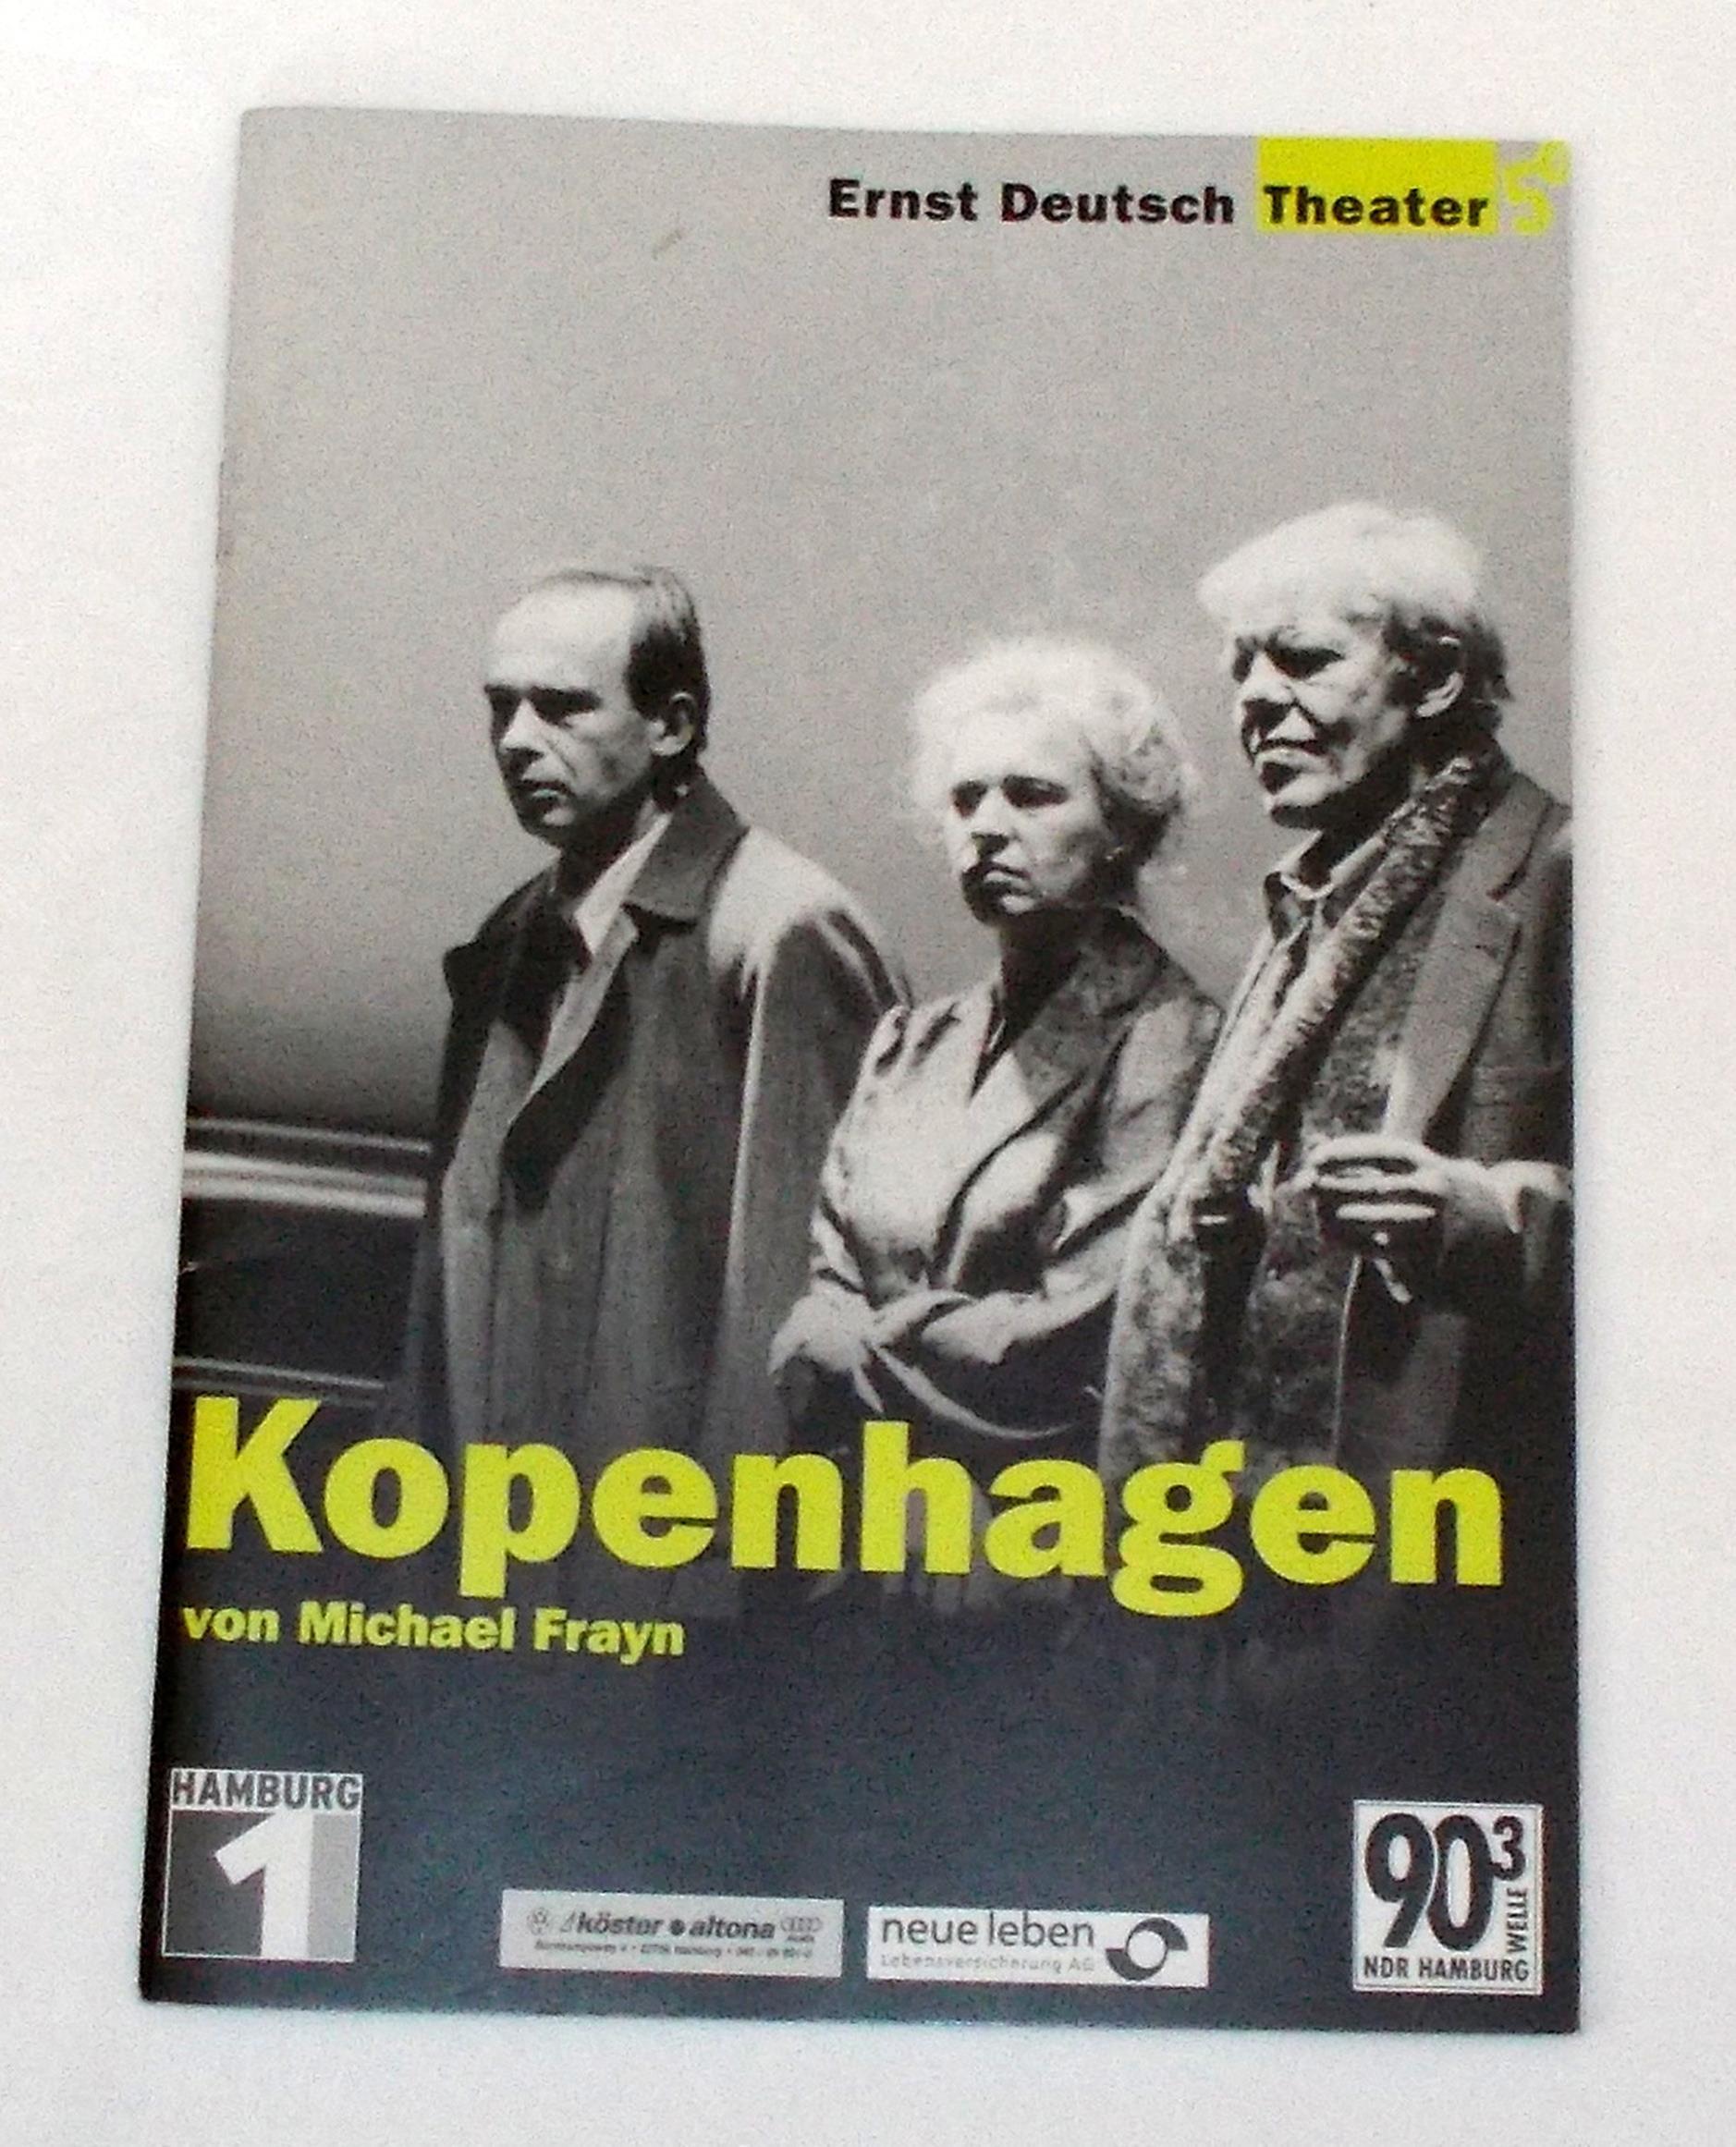 Programmheft KOPENHAGEN von Michael Frayn. Ernst Deutsch Theater 2002